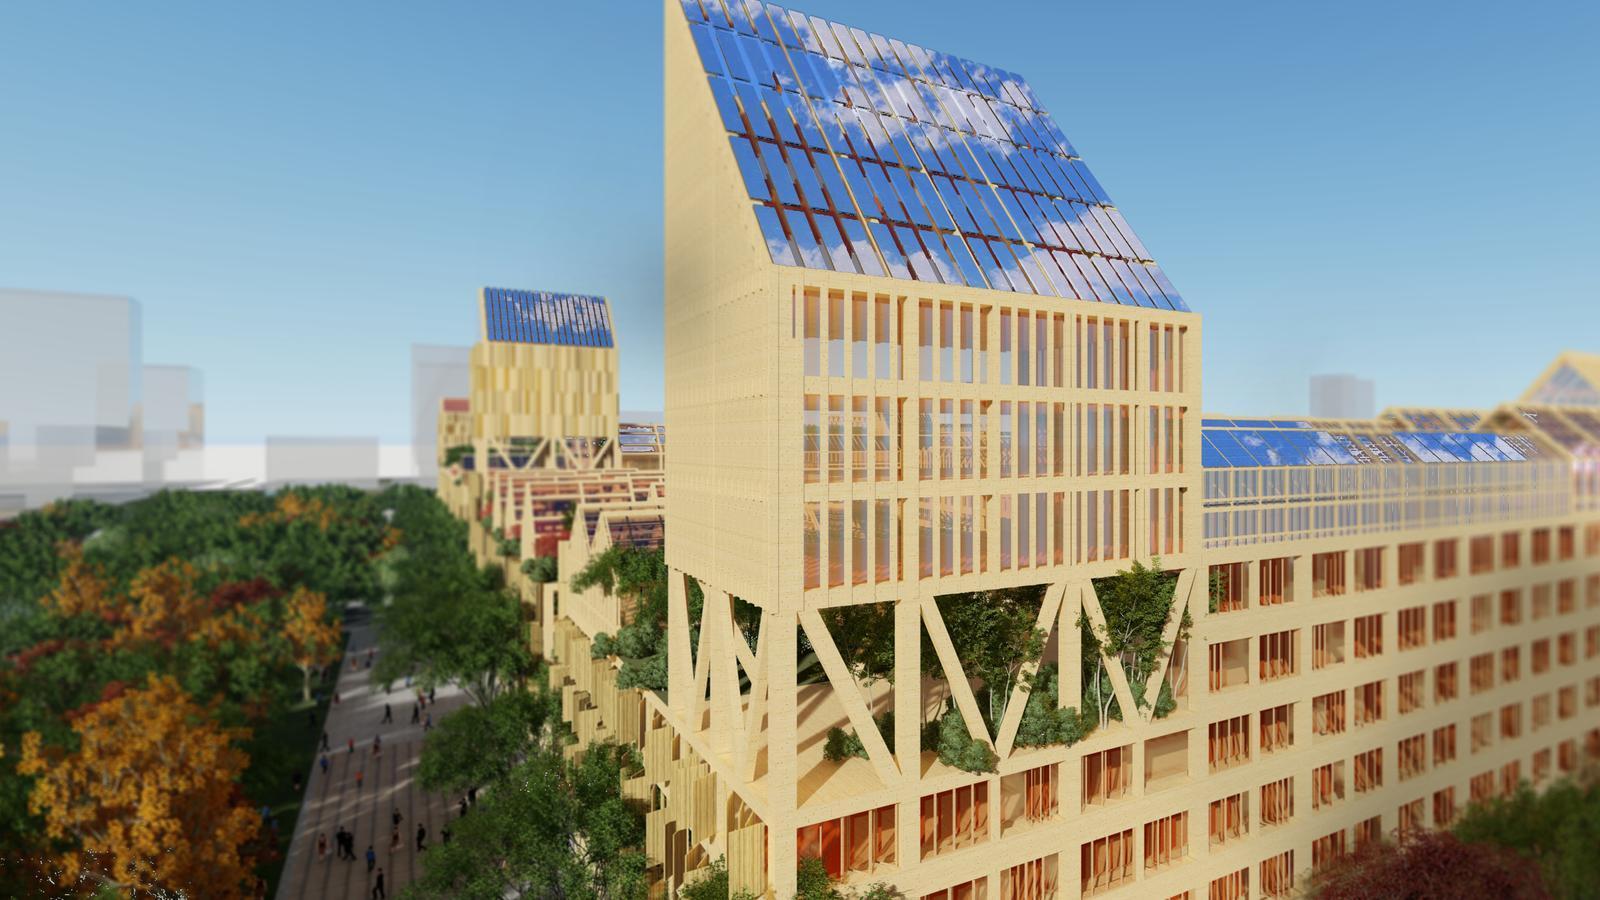 Les cobertes inclinades dels futurs habitatges de Vicente Guallart a Xiong'an tindran plaques solars per produir energia